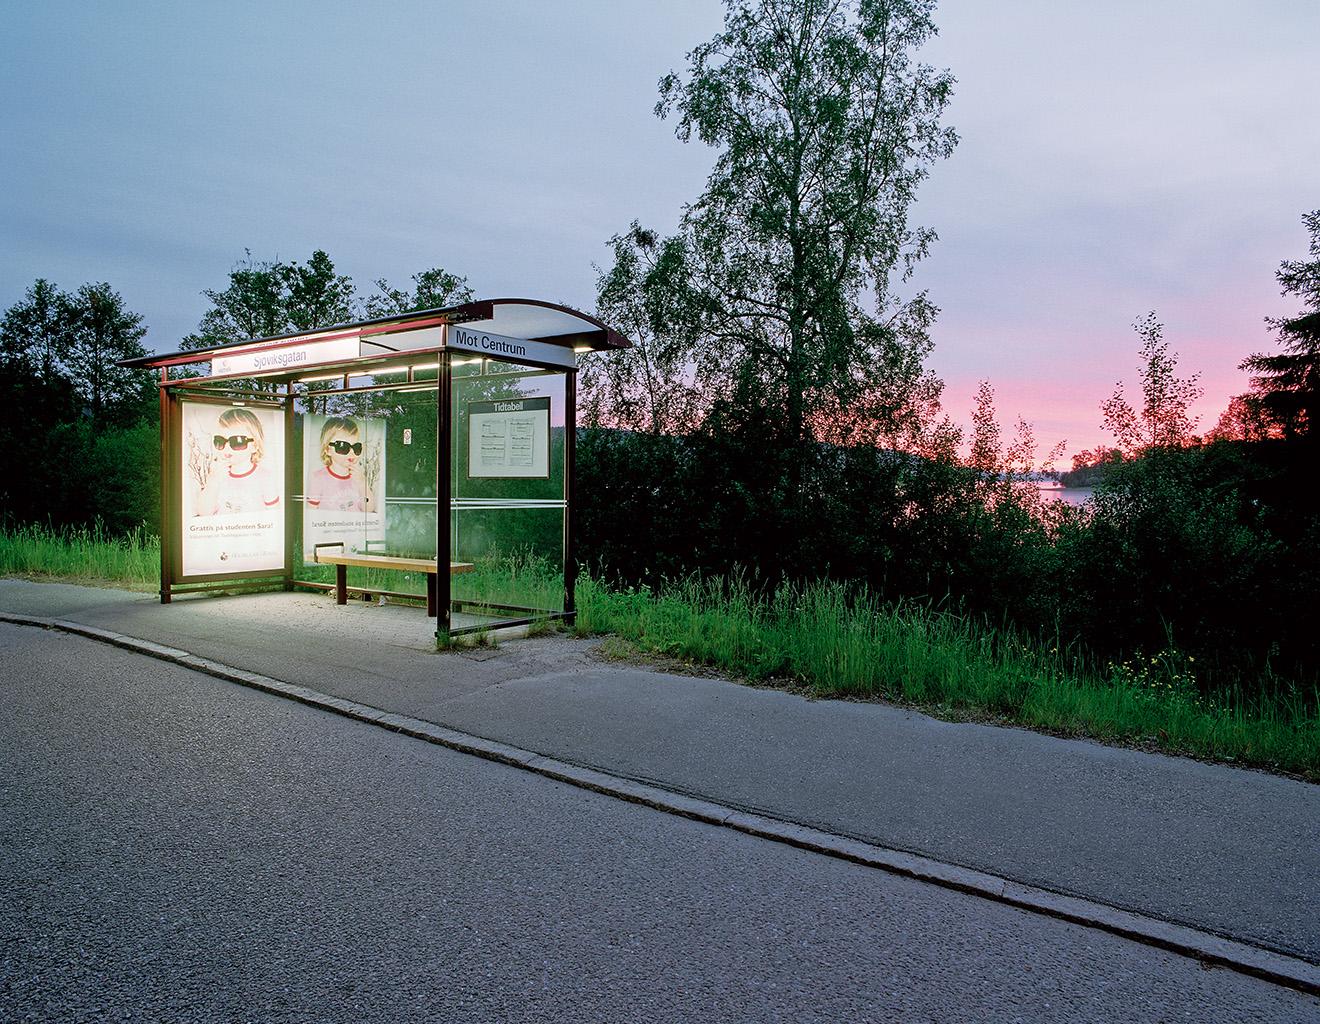 Dawn, Sjöbo, 15 June 2006